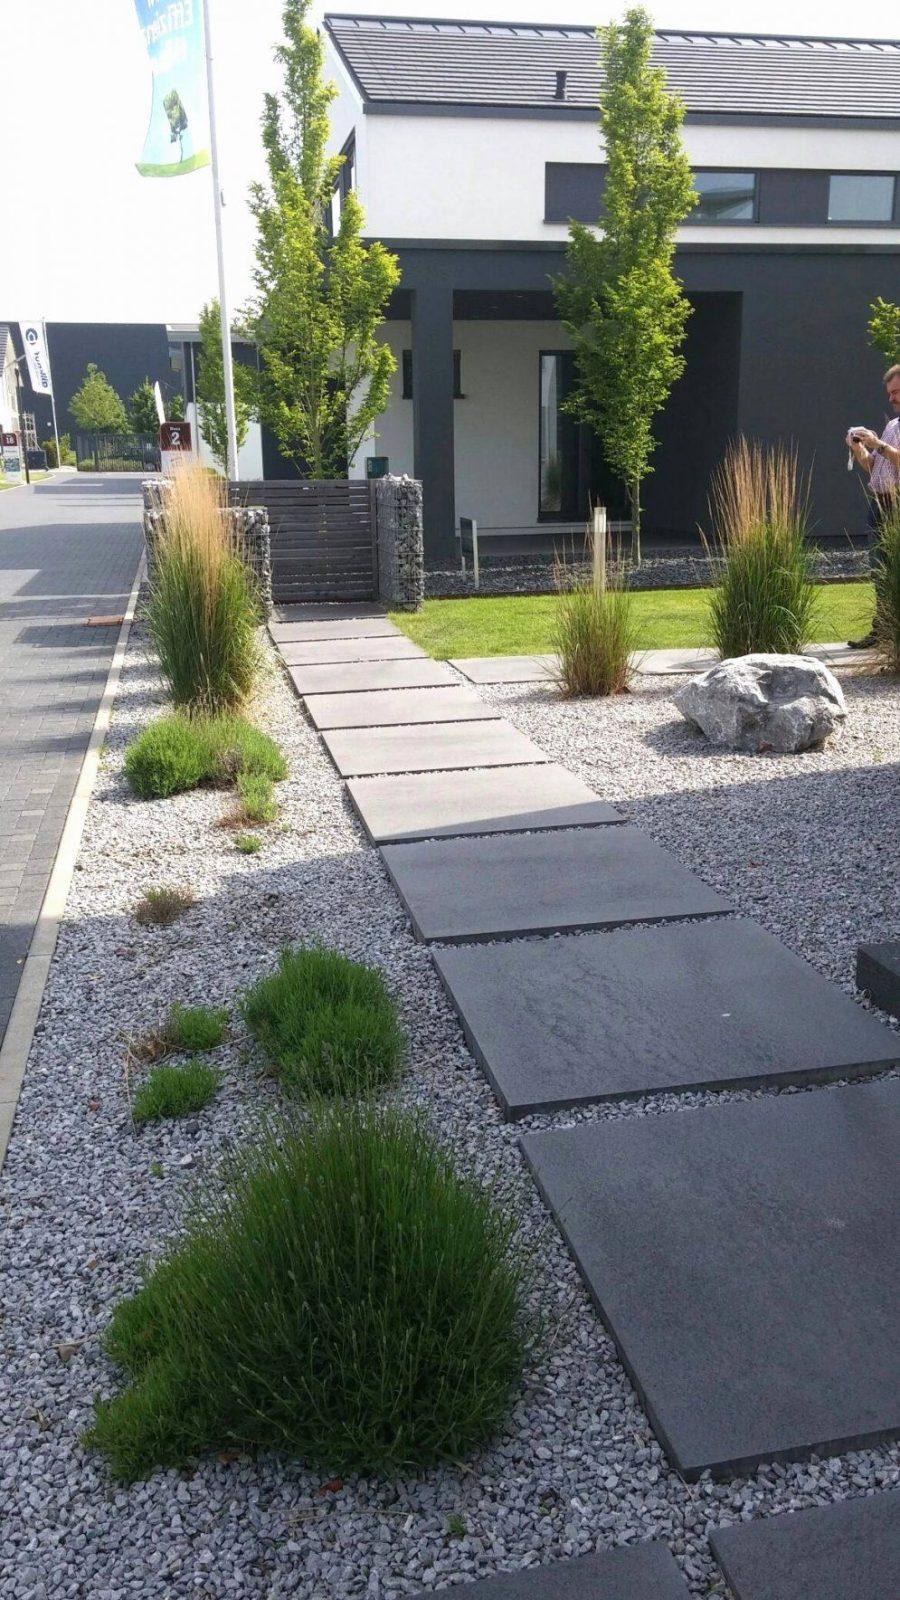 Was Kostet Eine Brunnenbohrung Im Garten Genial Luxus 40 Terrasse von Brunnen Im Garten Kosten Bild